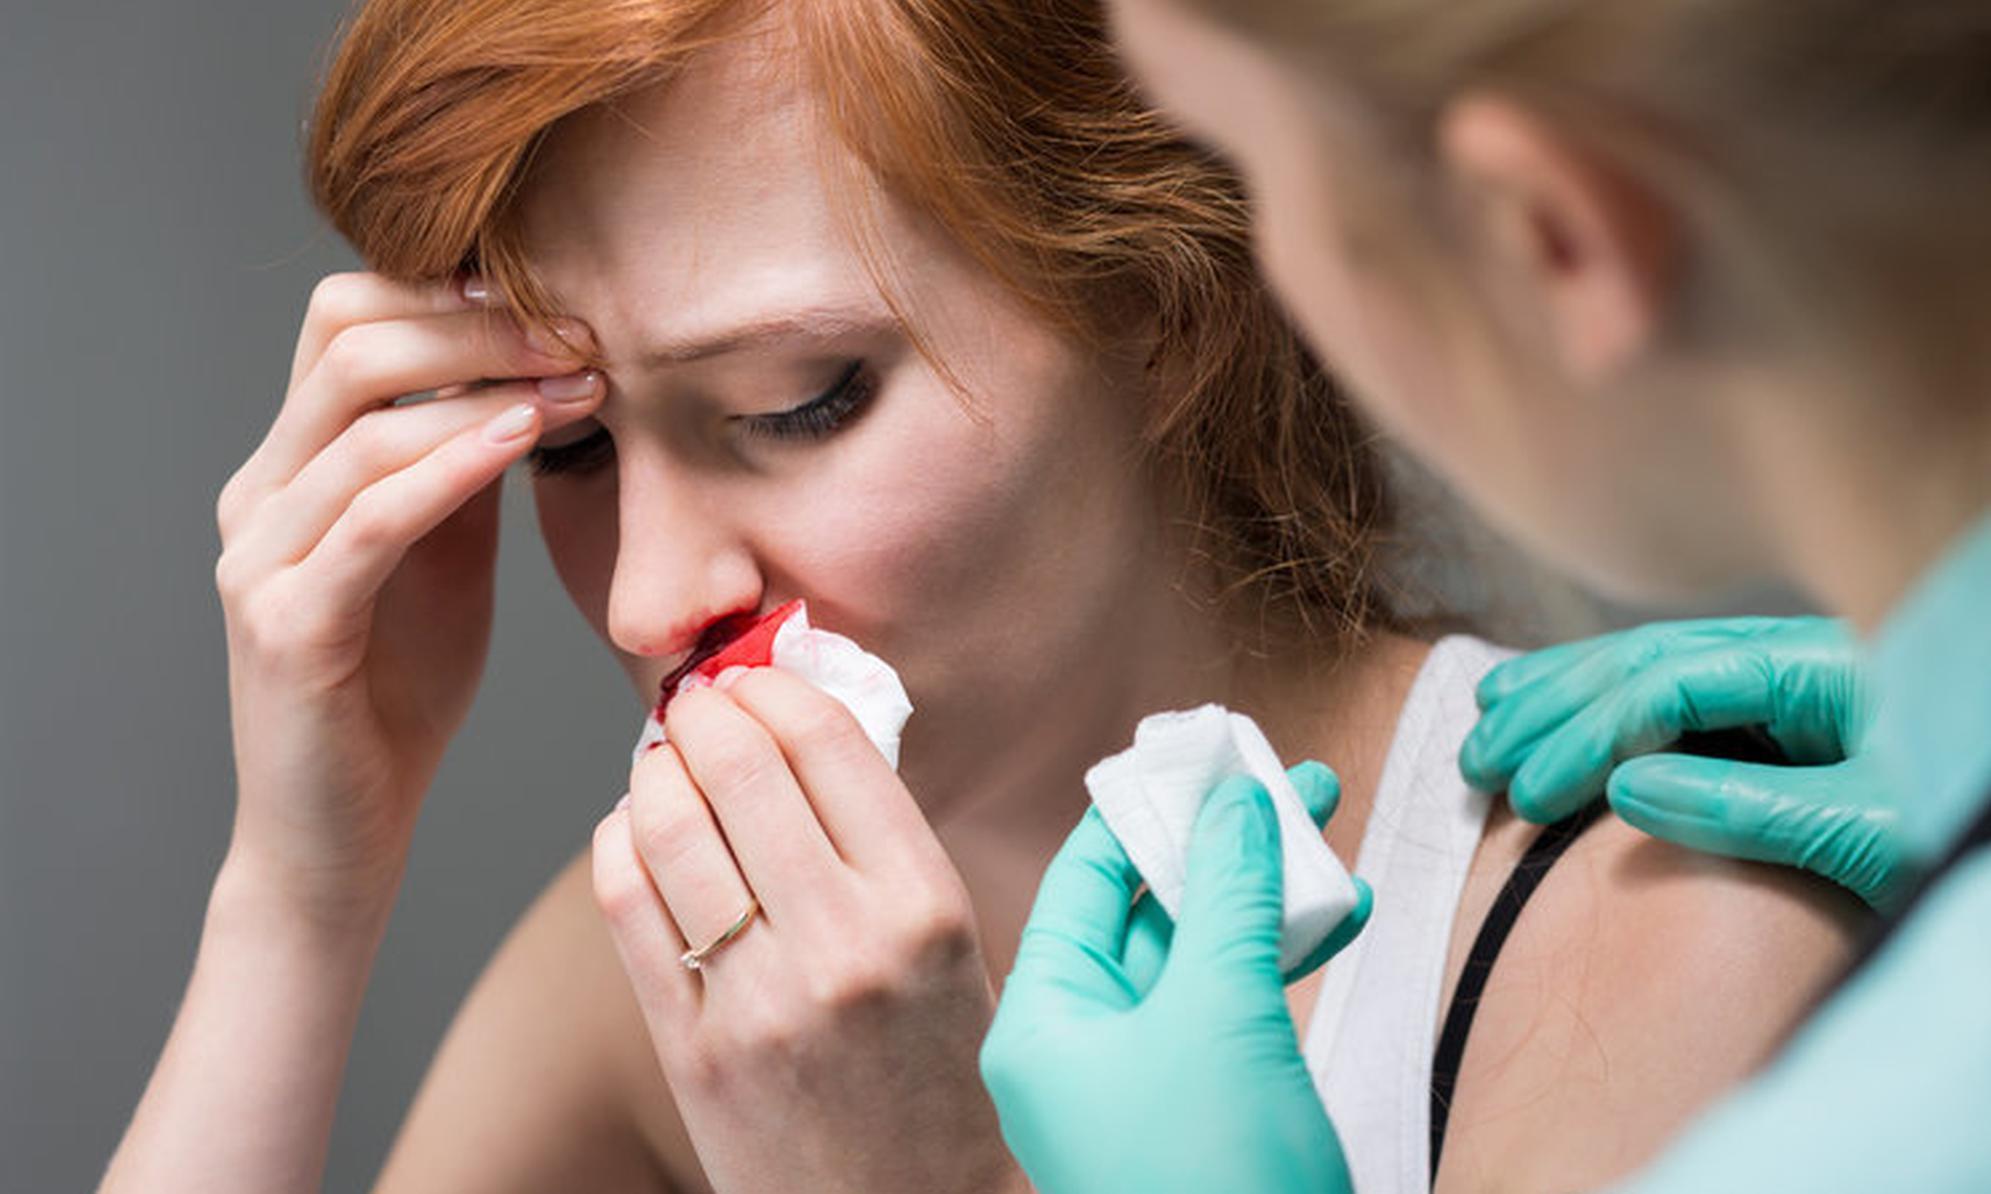 补充:鼻咽癌有哪些症状?